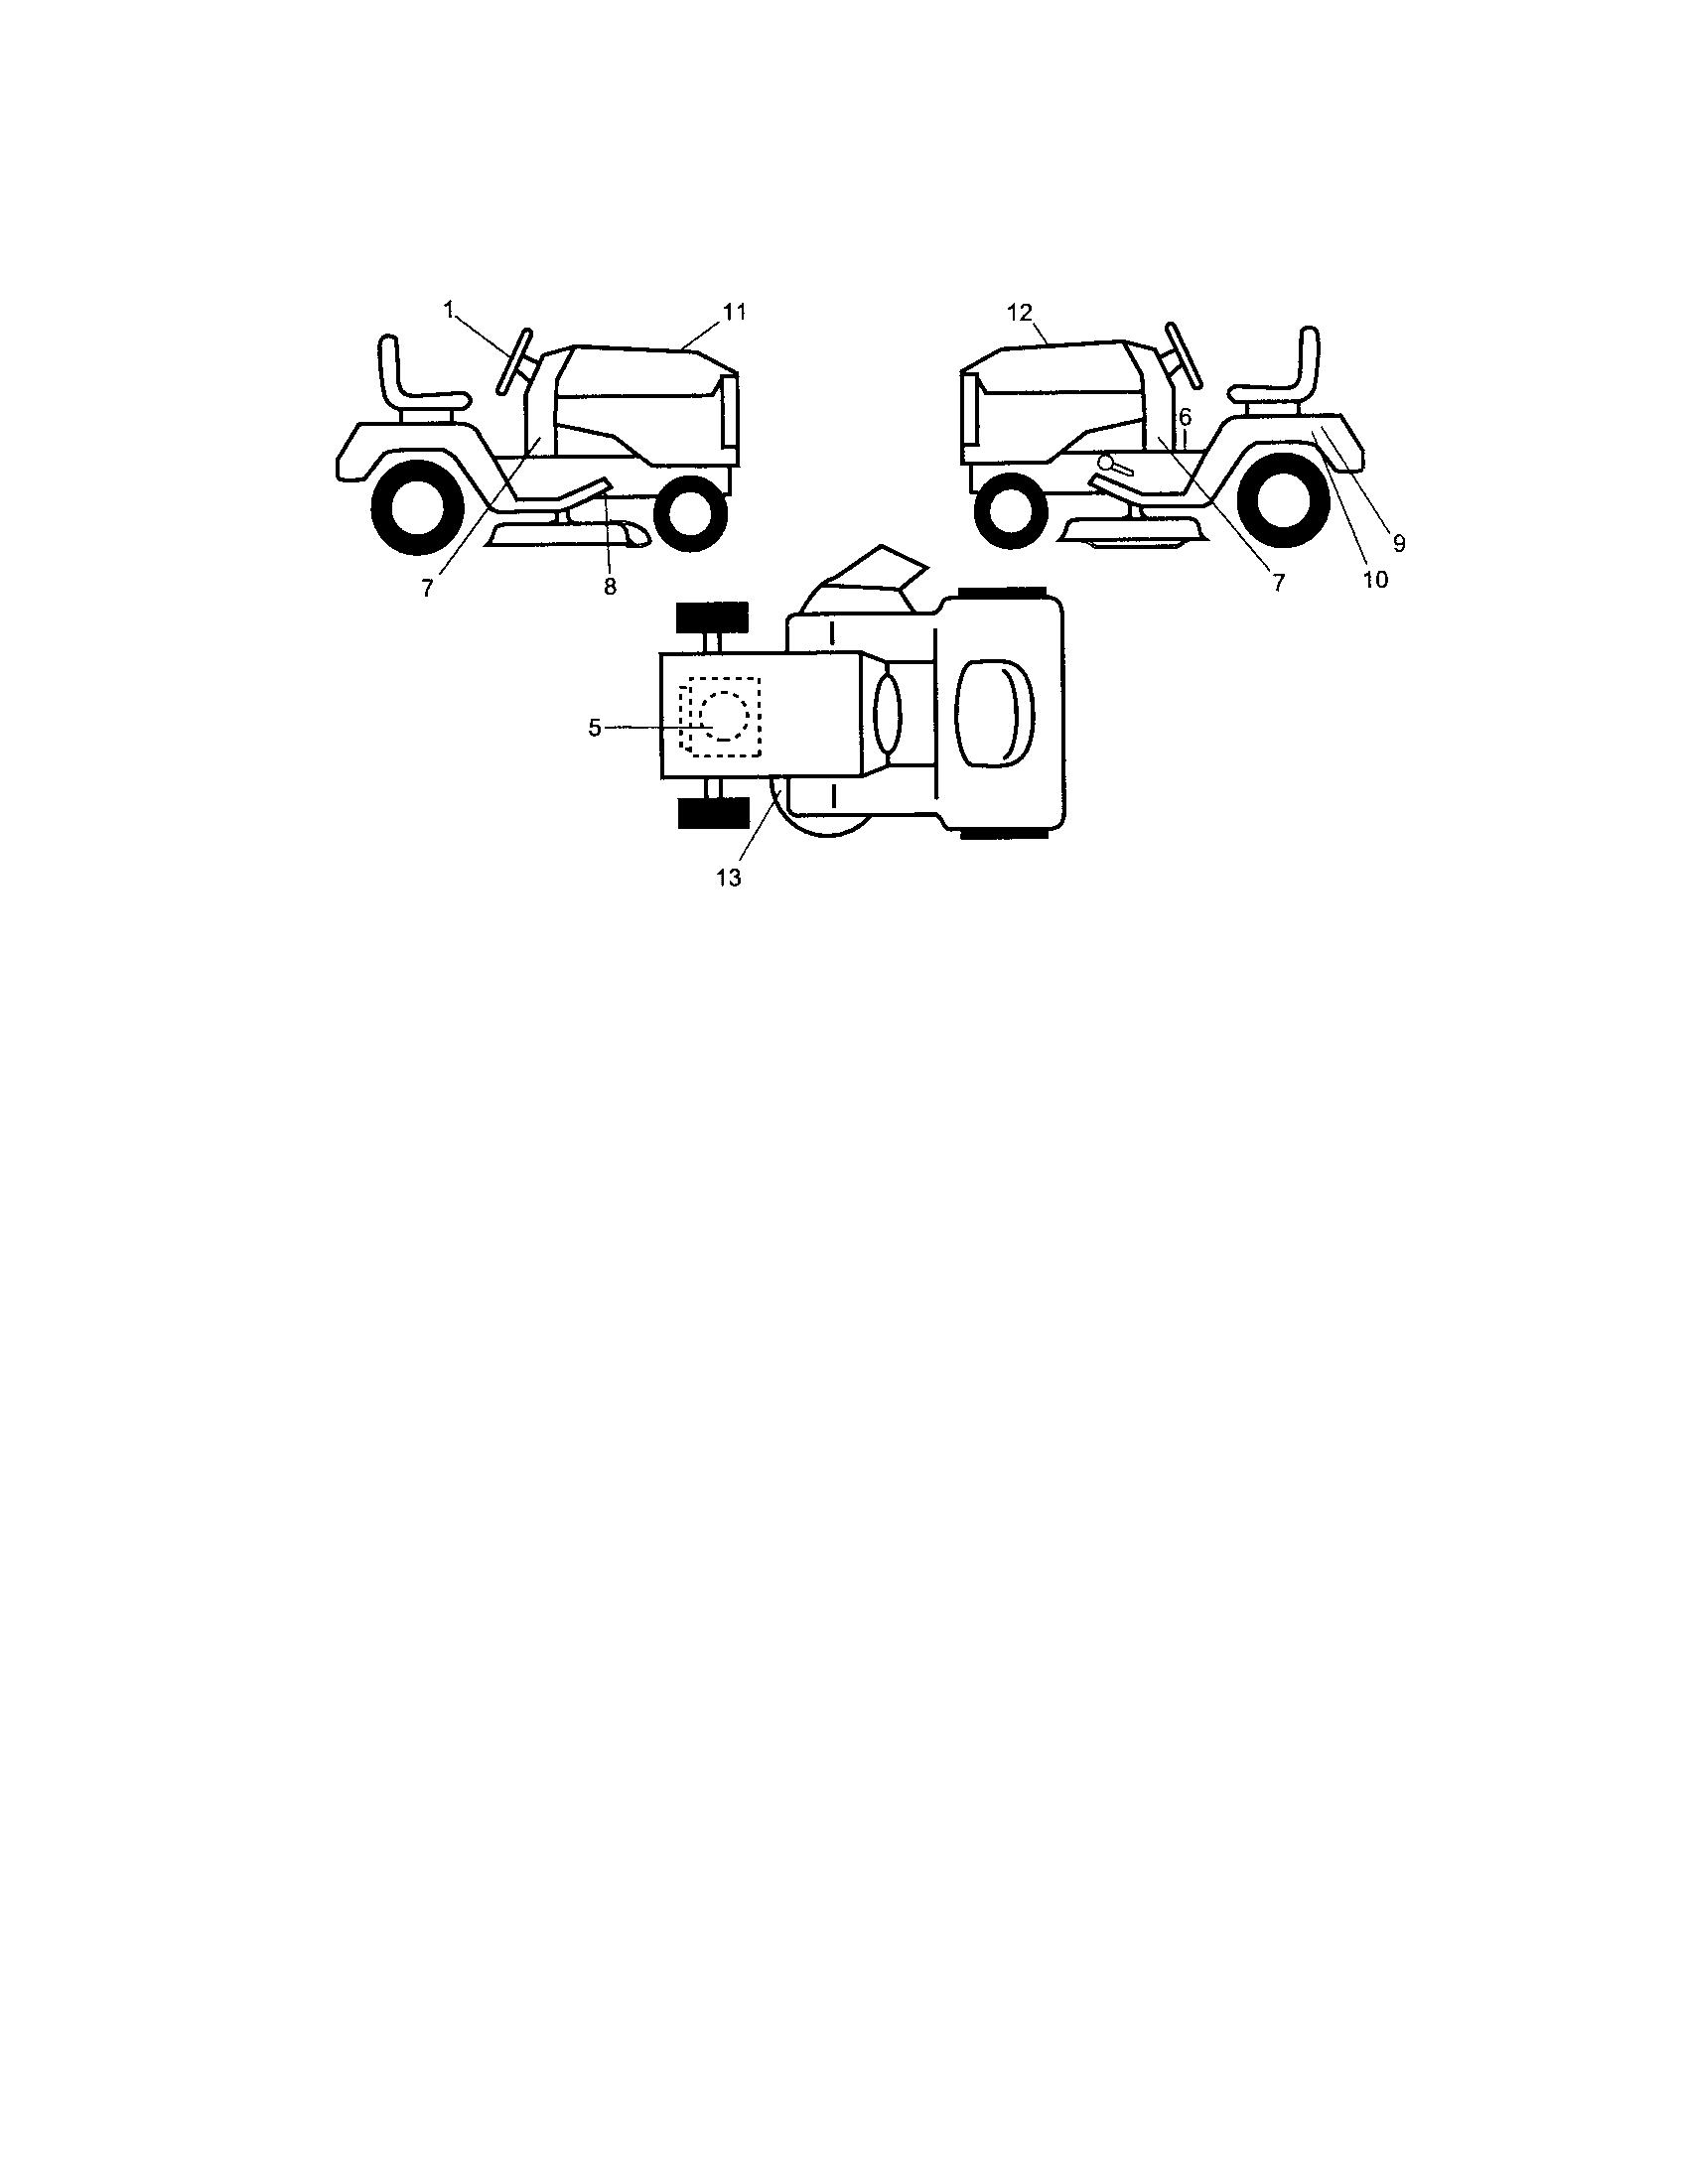 Craftsman model 917289260 lawn, tractor genuine parts